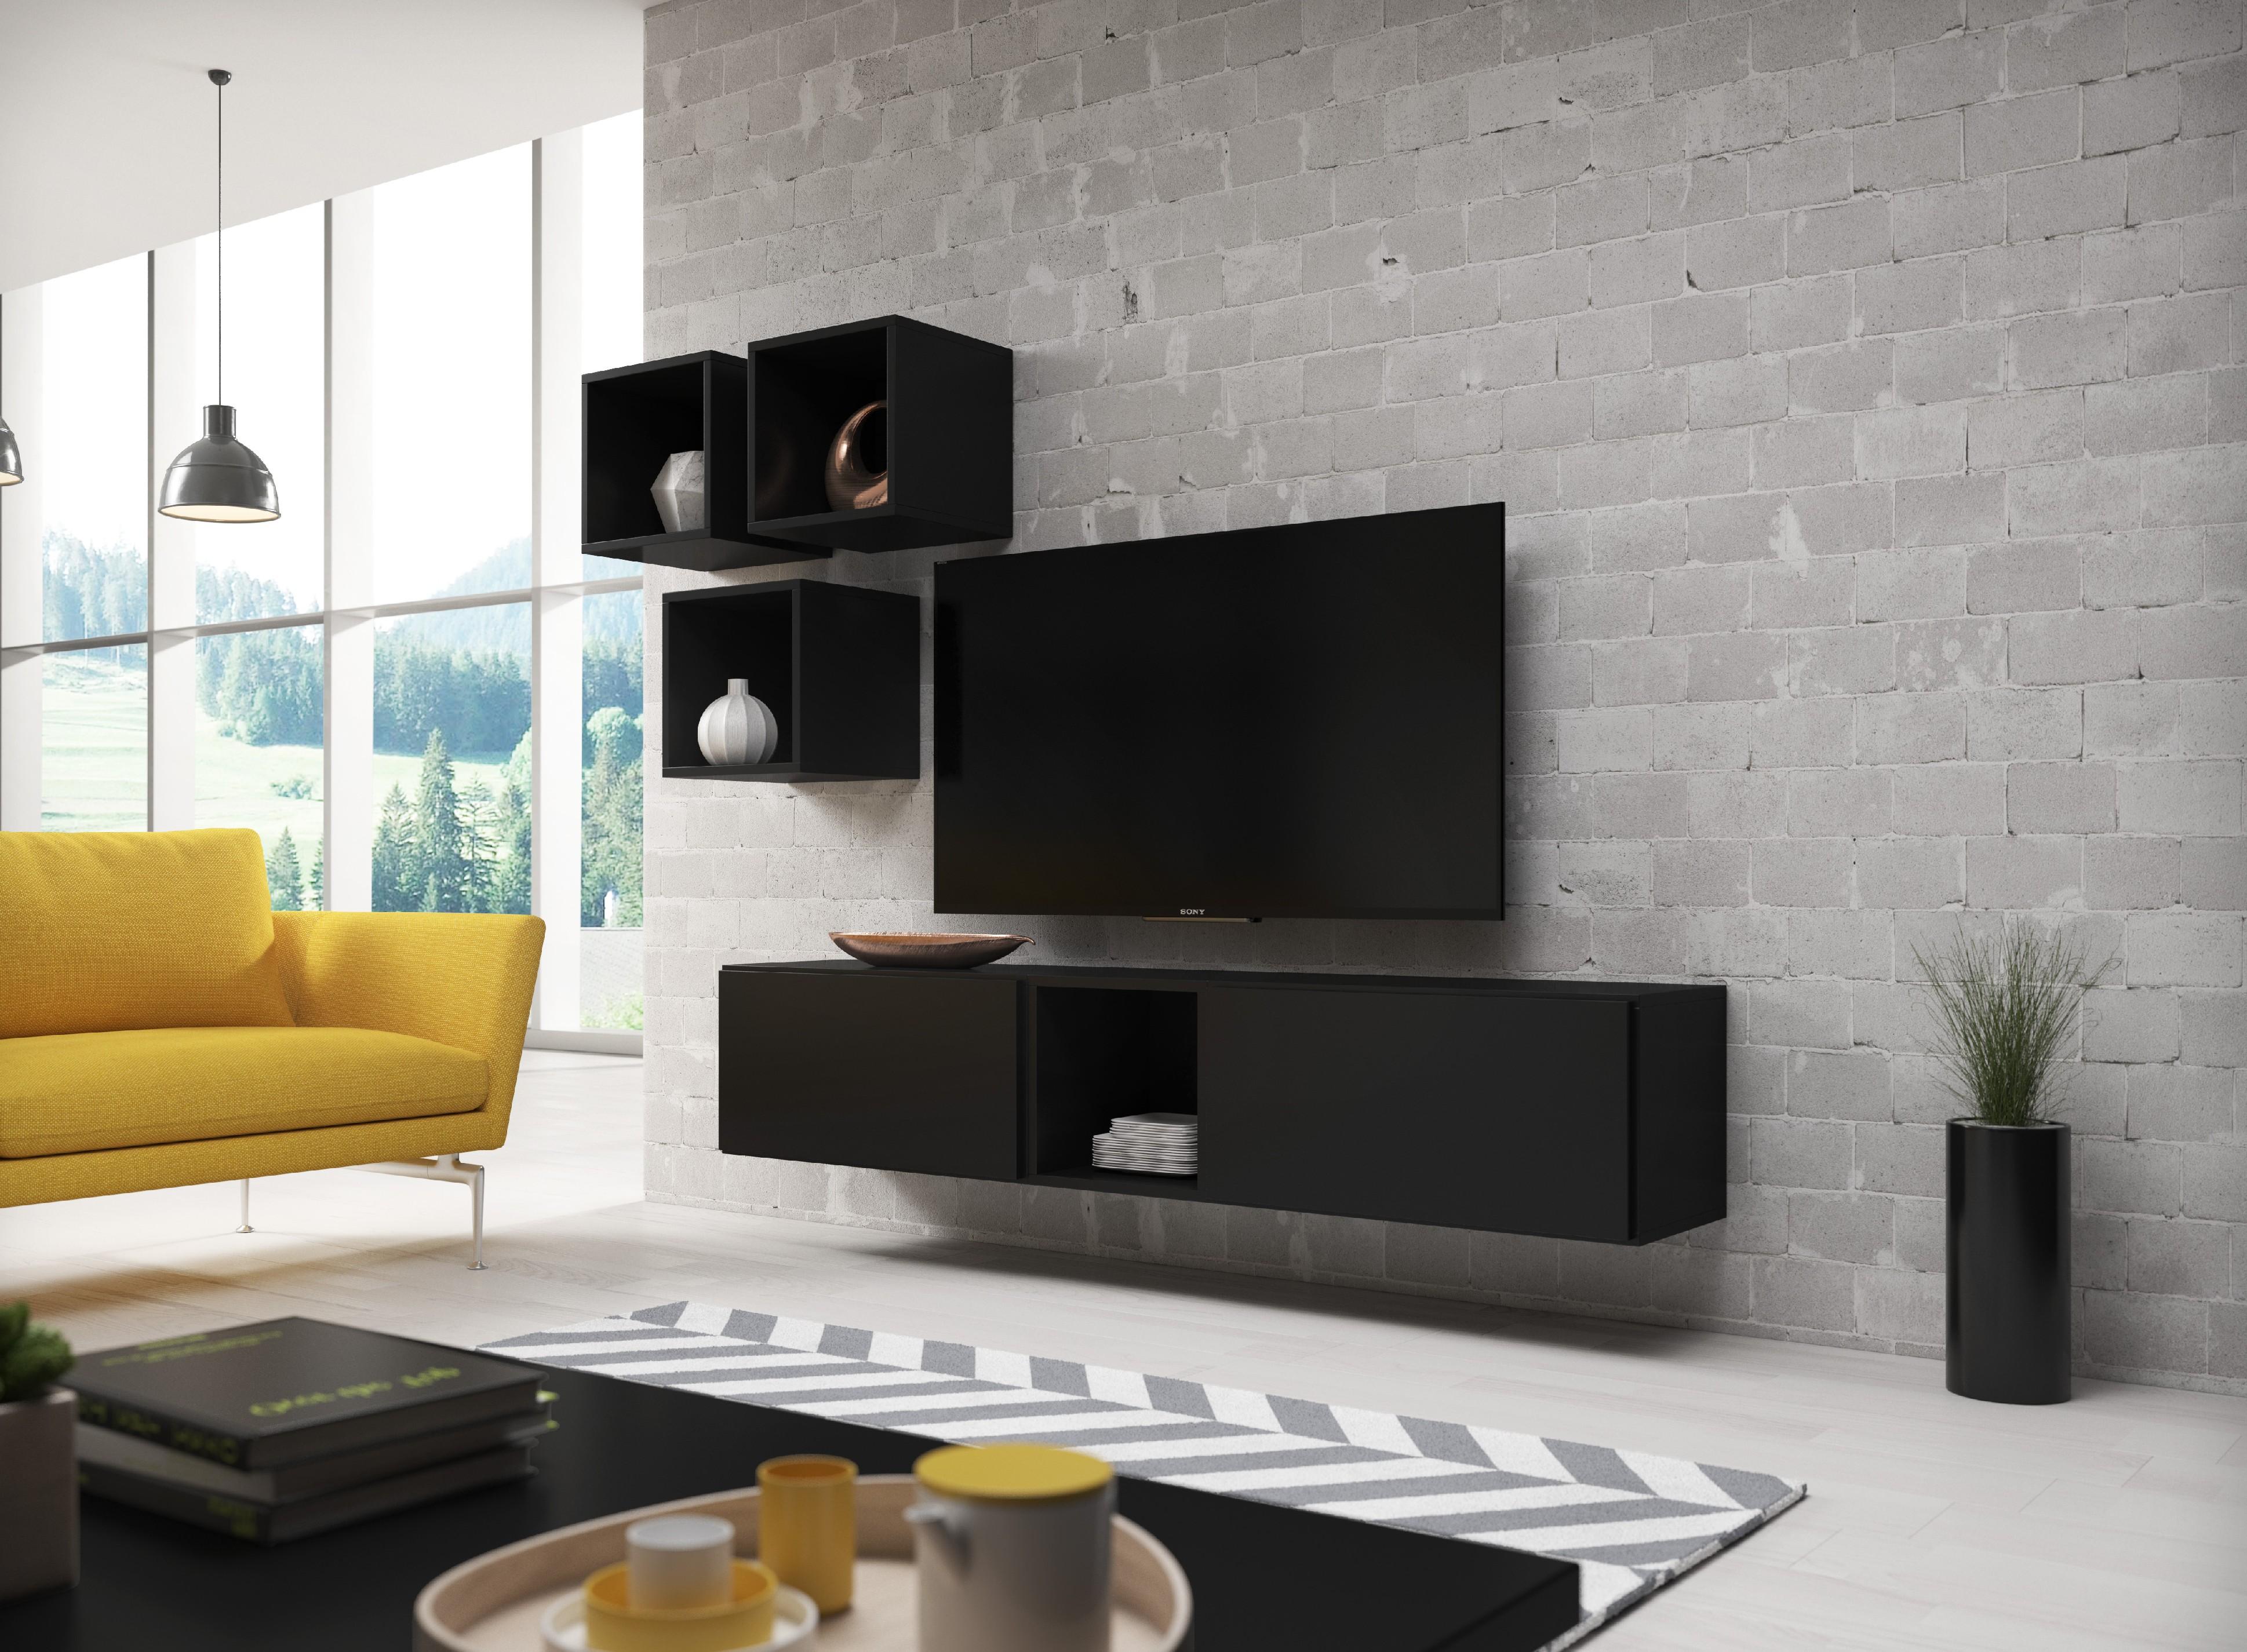 Artcam Obývacia stena ROCO 8 roco: korpus čierny mat / okraj čierny mat / dvierka čierny mat